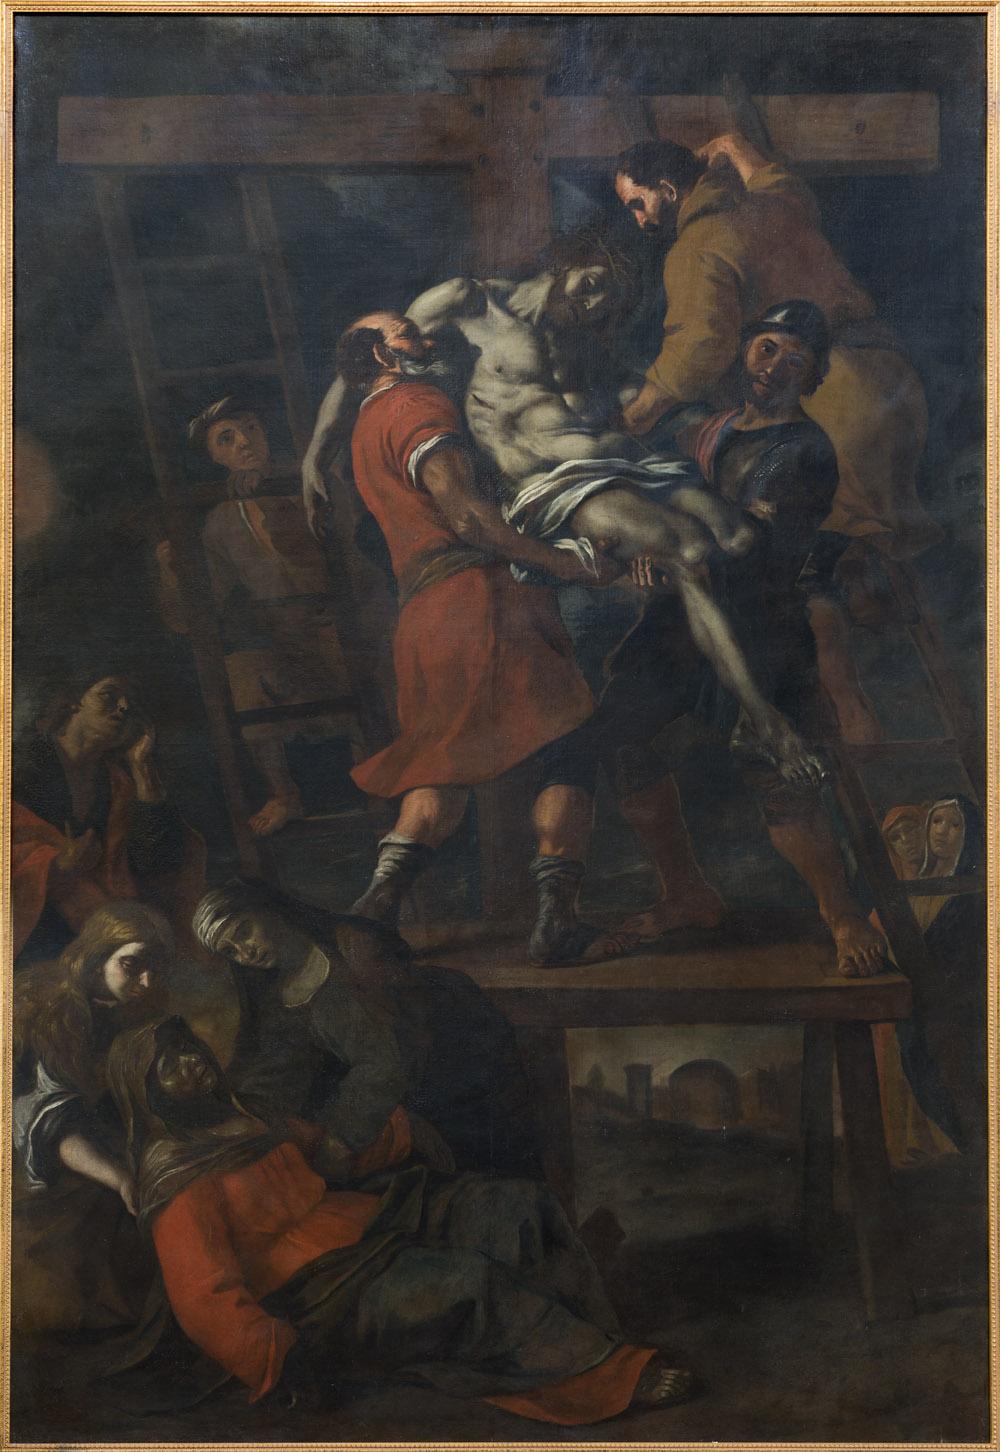 https://www.ragusanews.com//immagini_articoli/01-10-2015/1443687563-1-il-cavaliere-calabrese-giunto-a-modica-per-dipingere.jpg